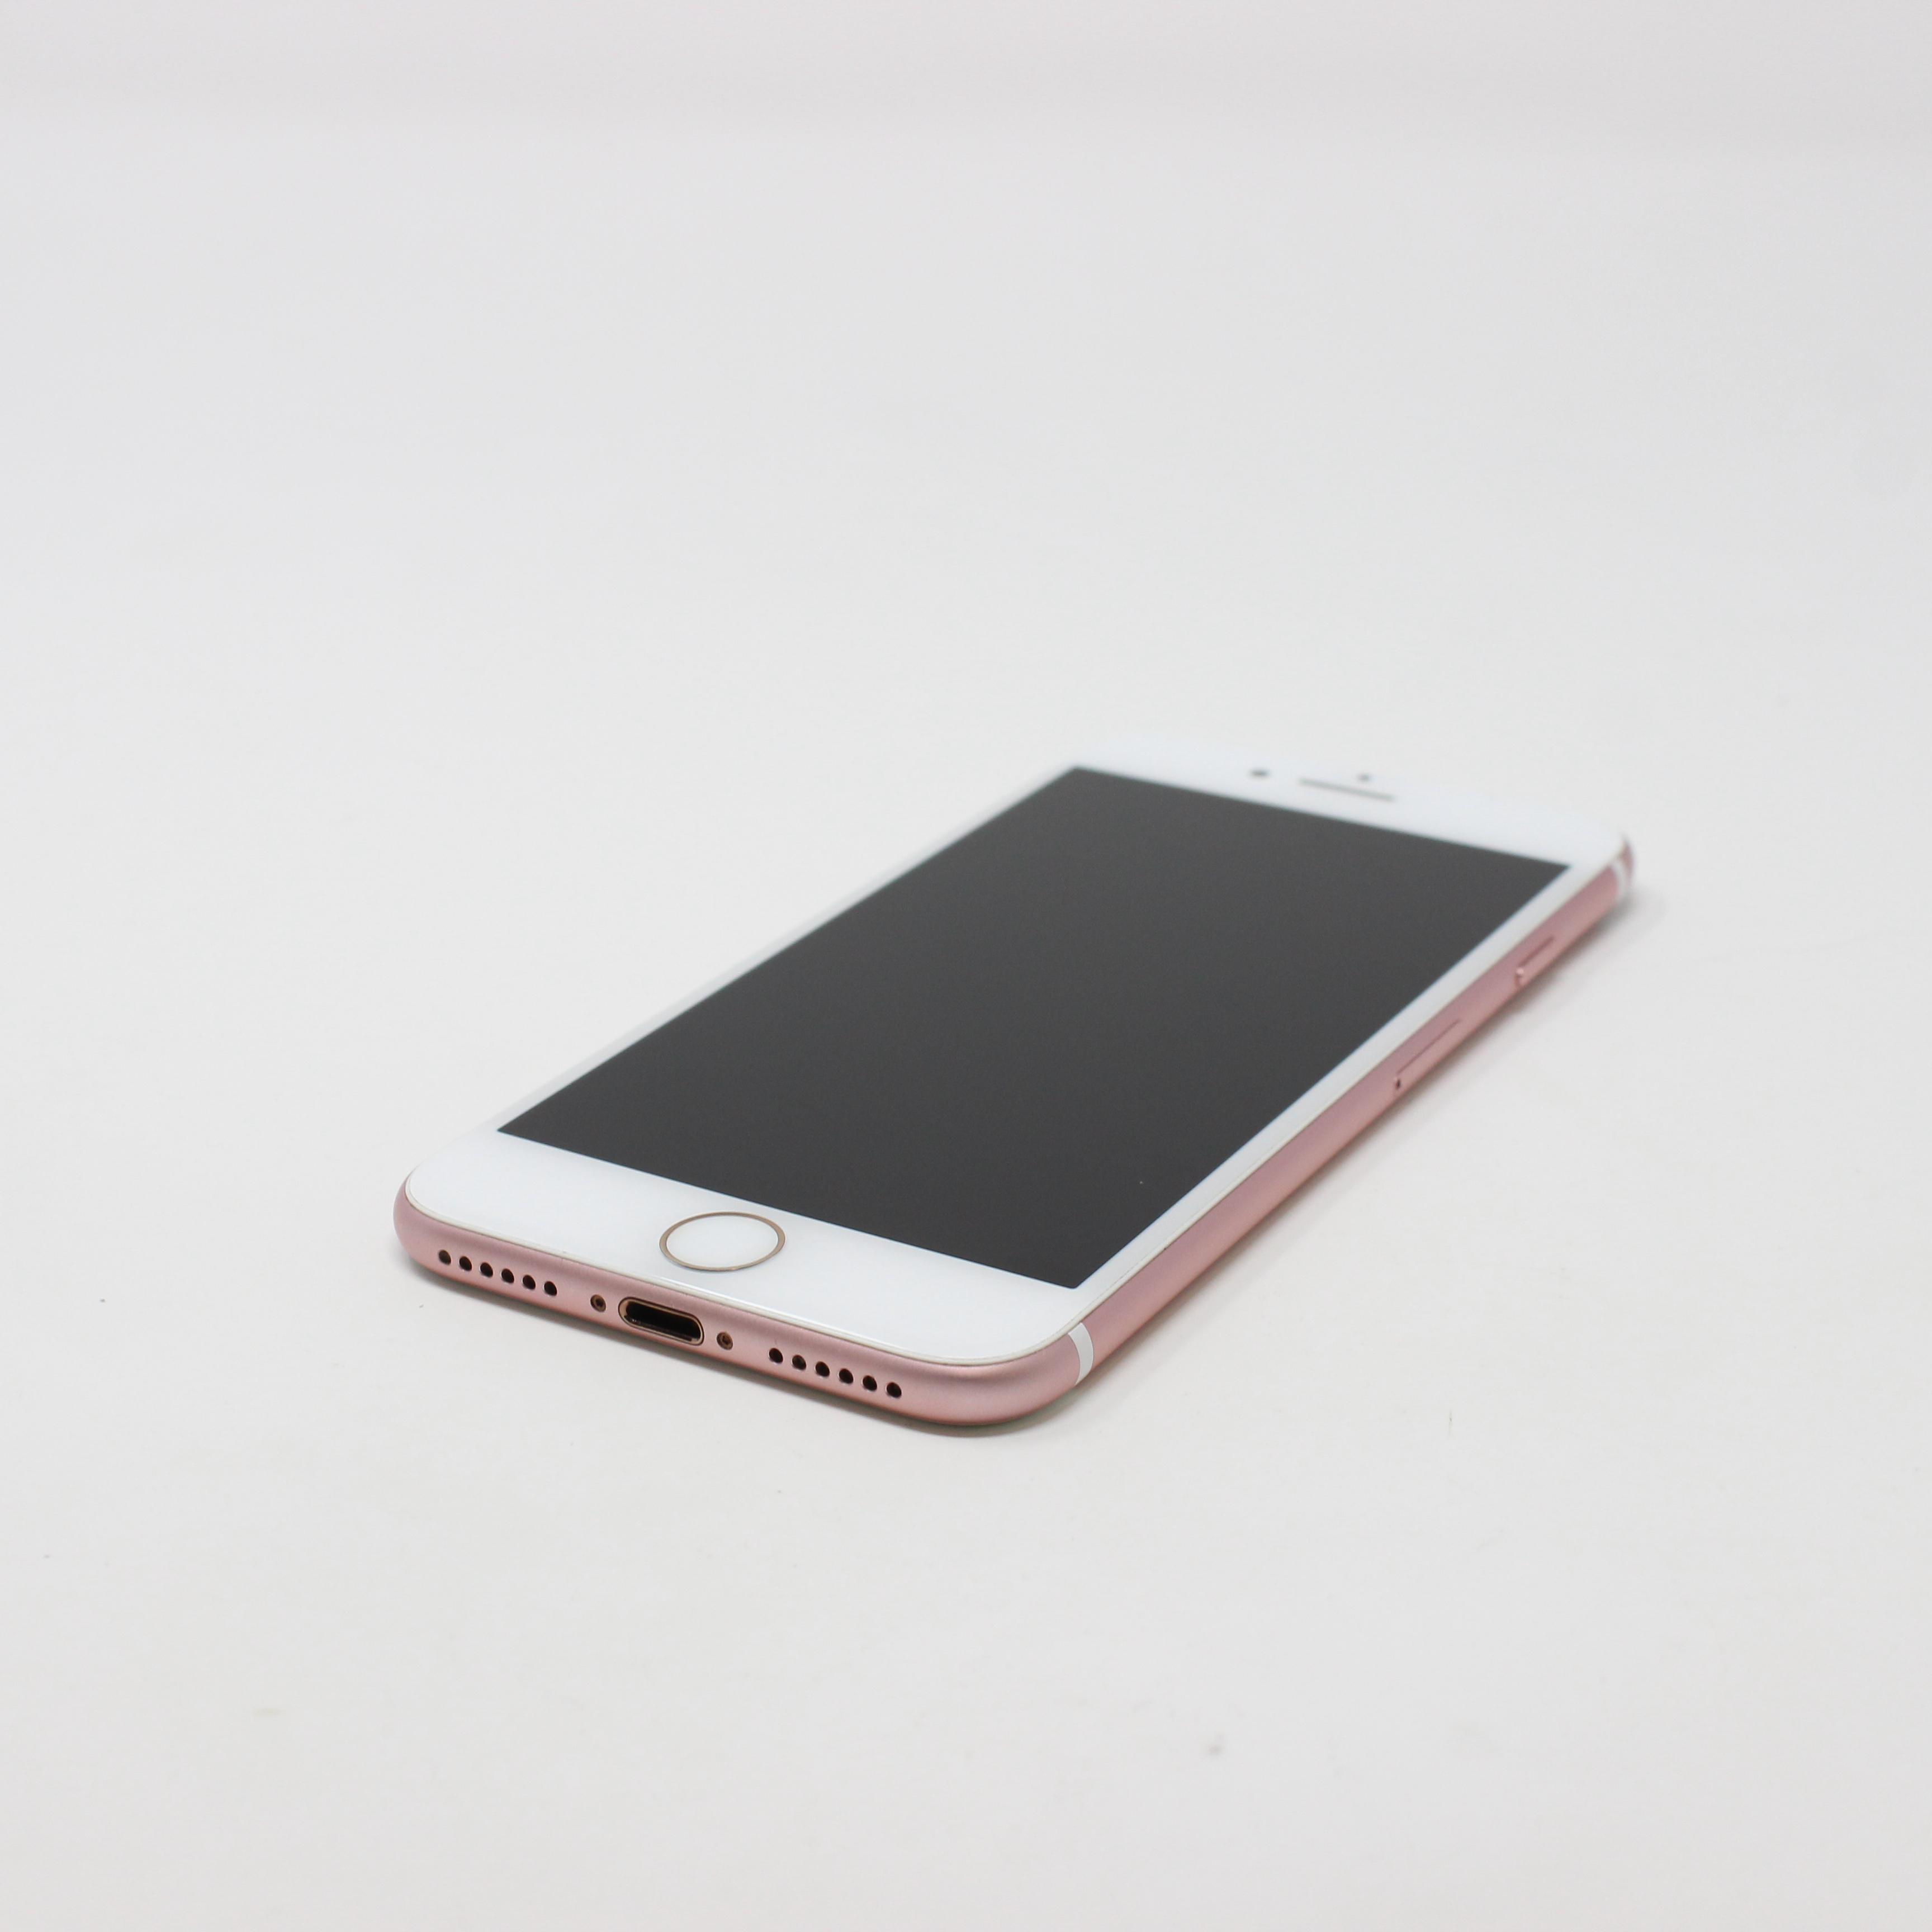 iPhone 7 32GB Rose Gold - Verizon photo 6 | UpTradeit.com